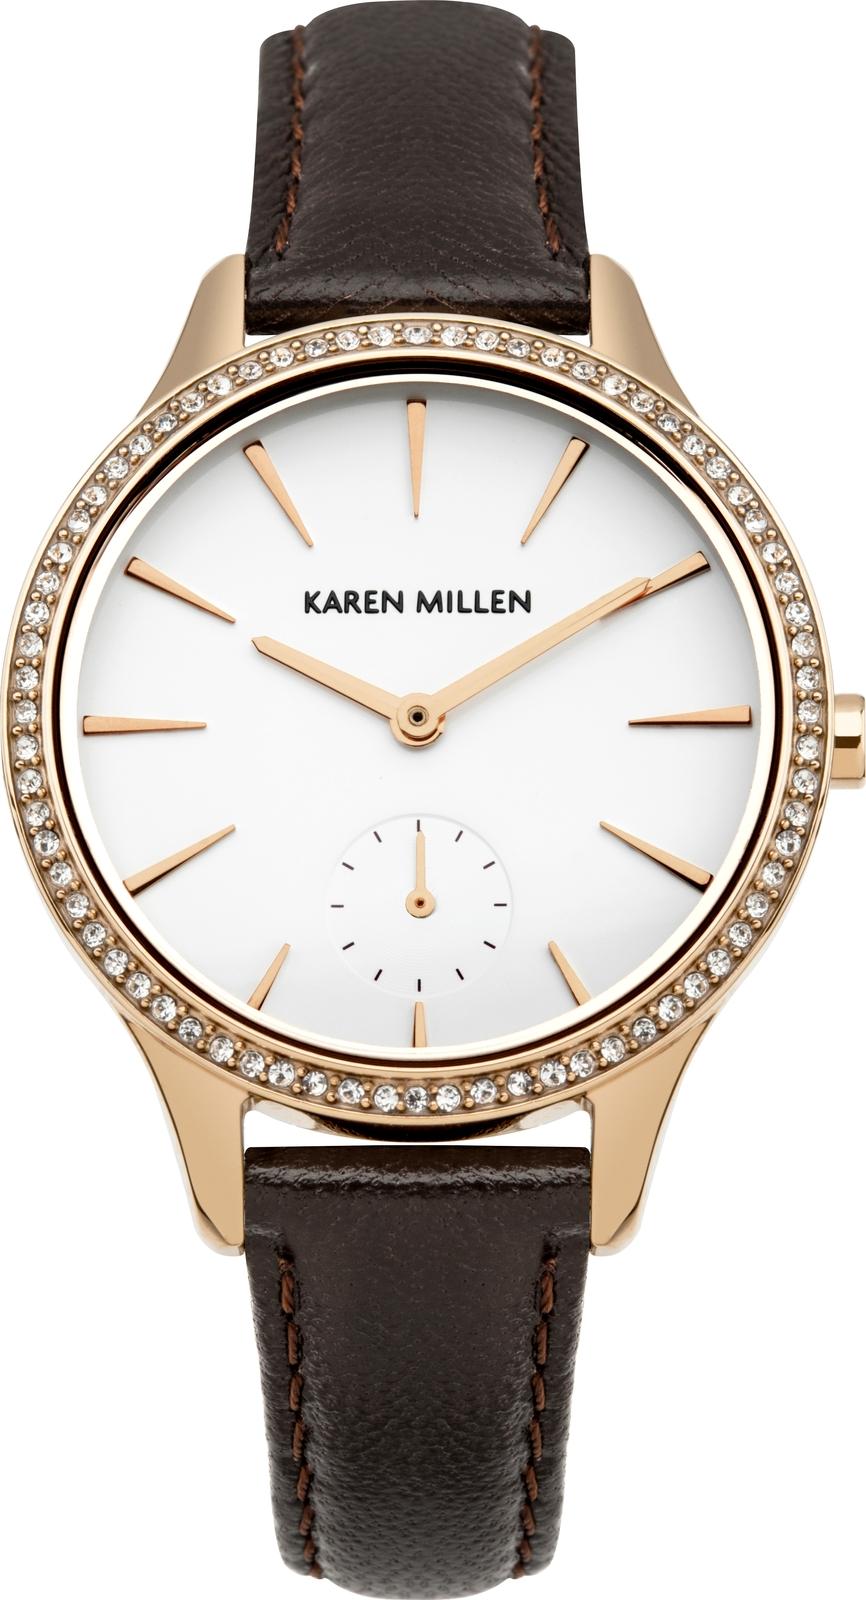 Наручные часы Karen Millen женские коричневый